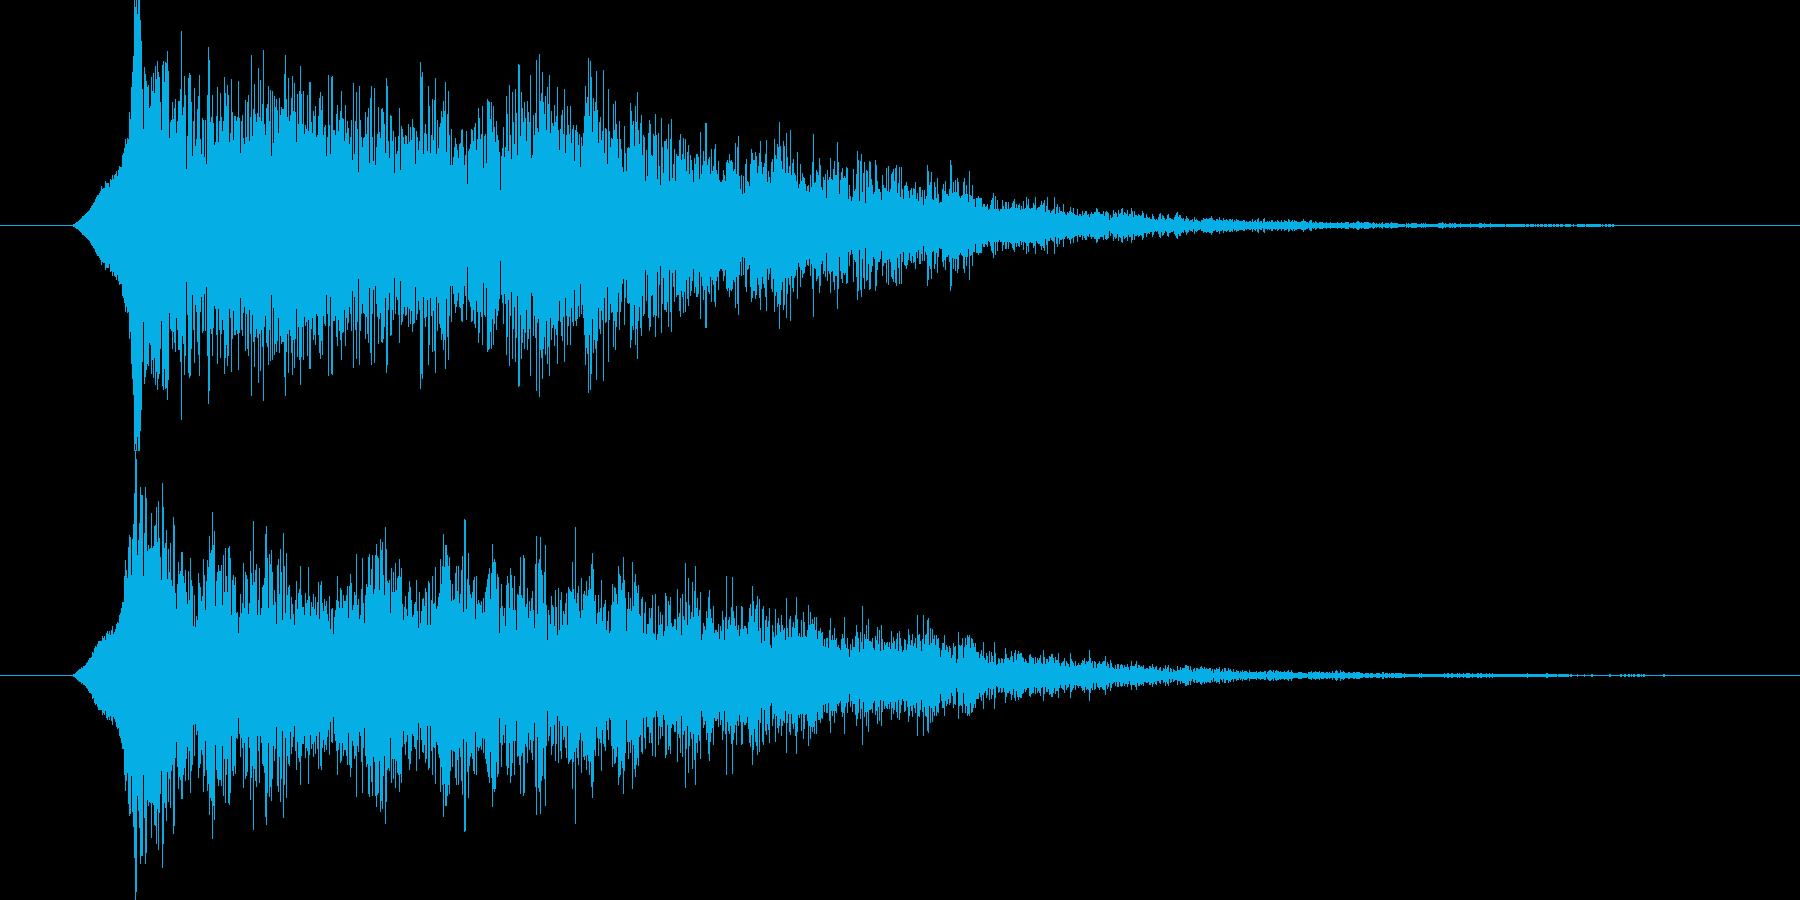 ジングル サウンドロゴ 13秒 近未来的の再生済みの波形